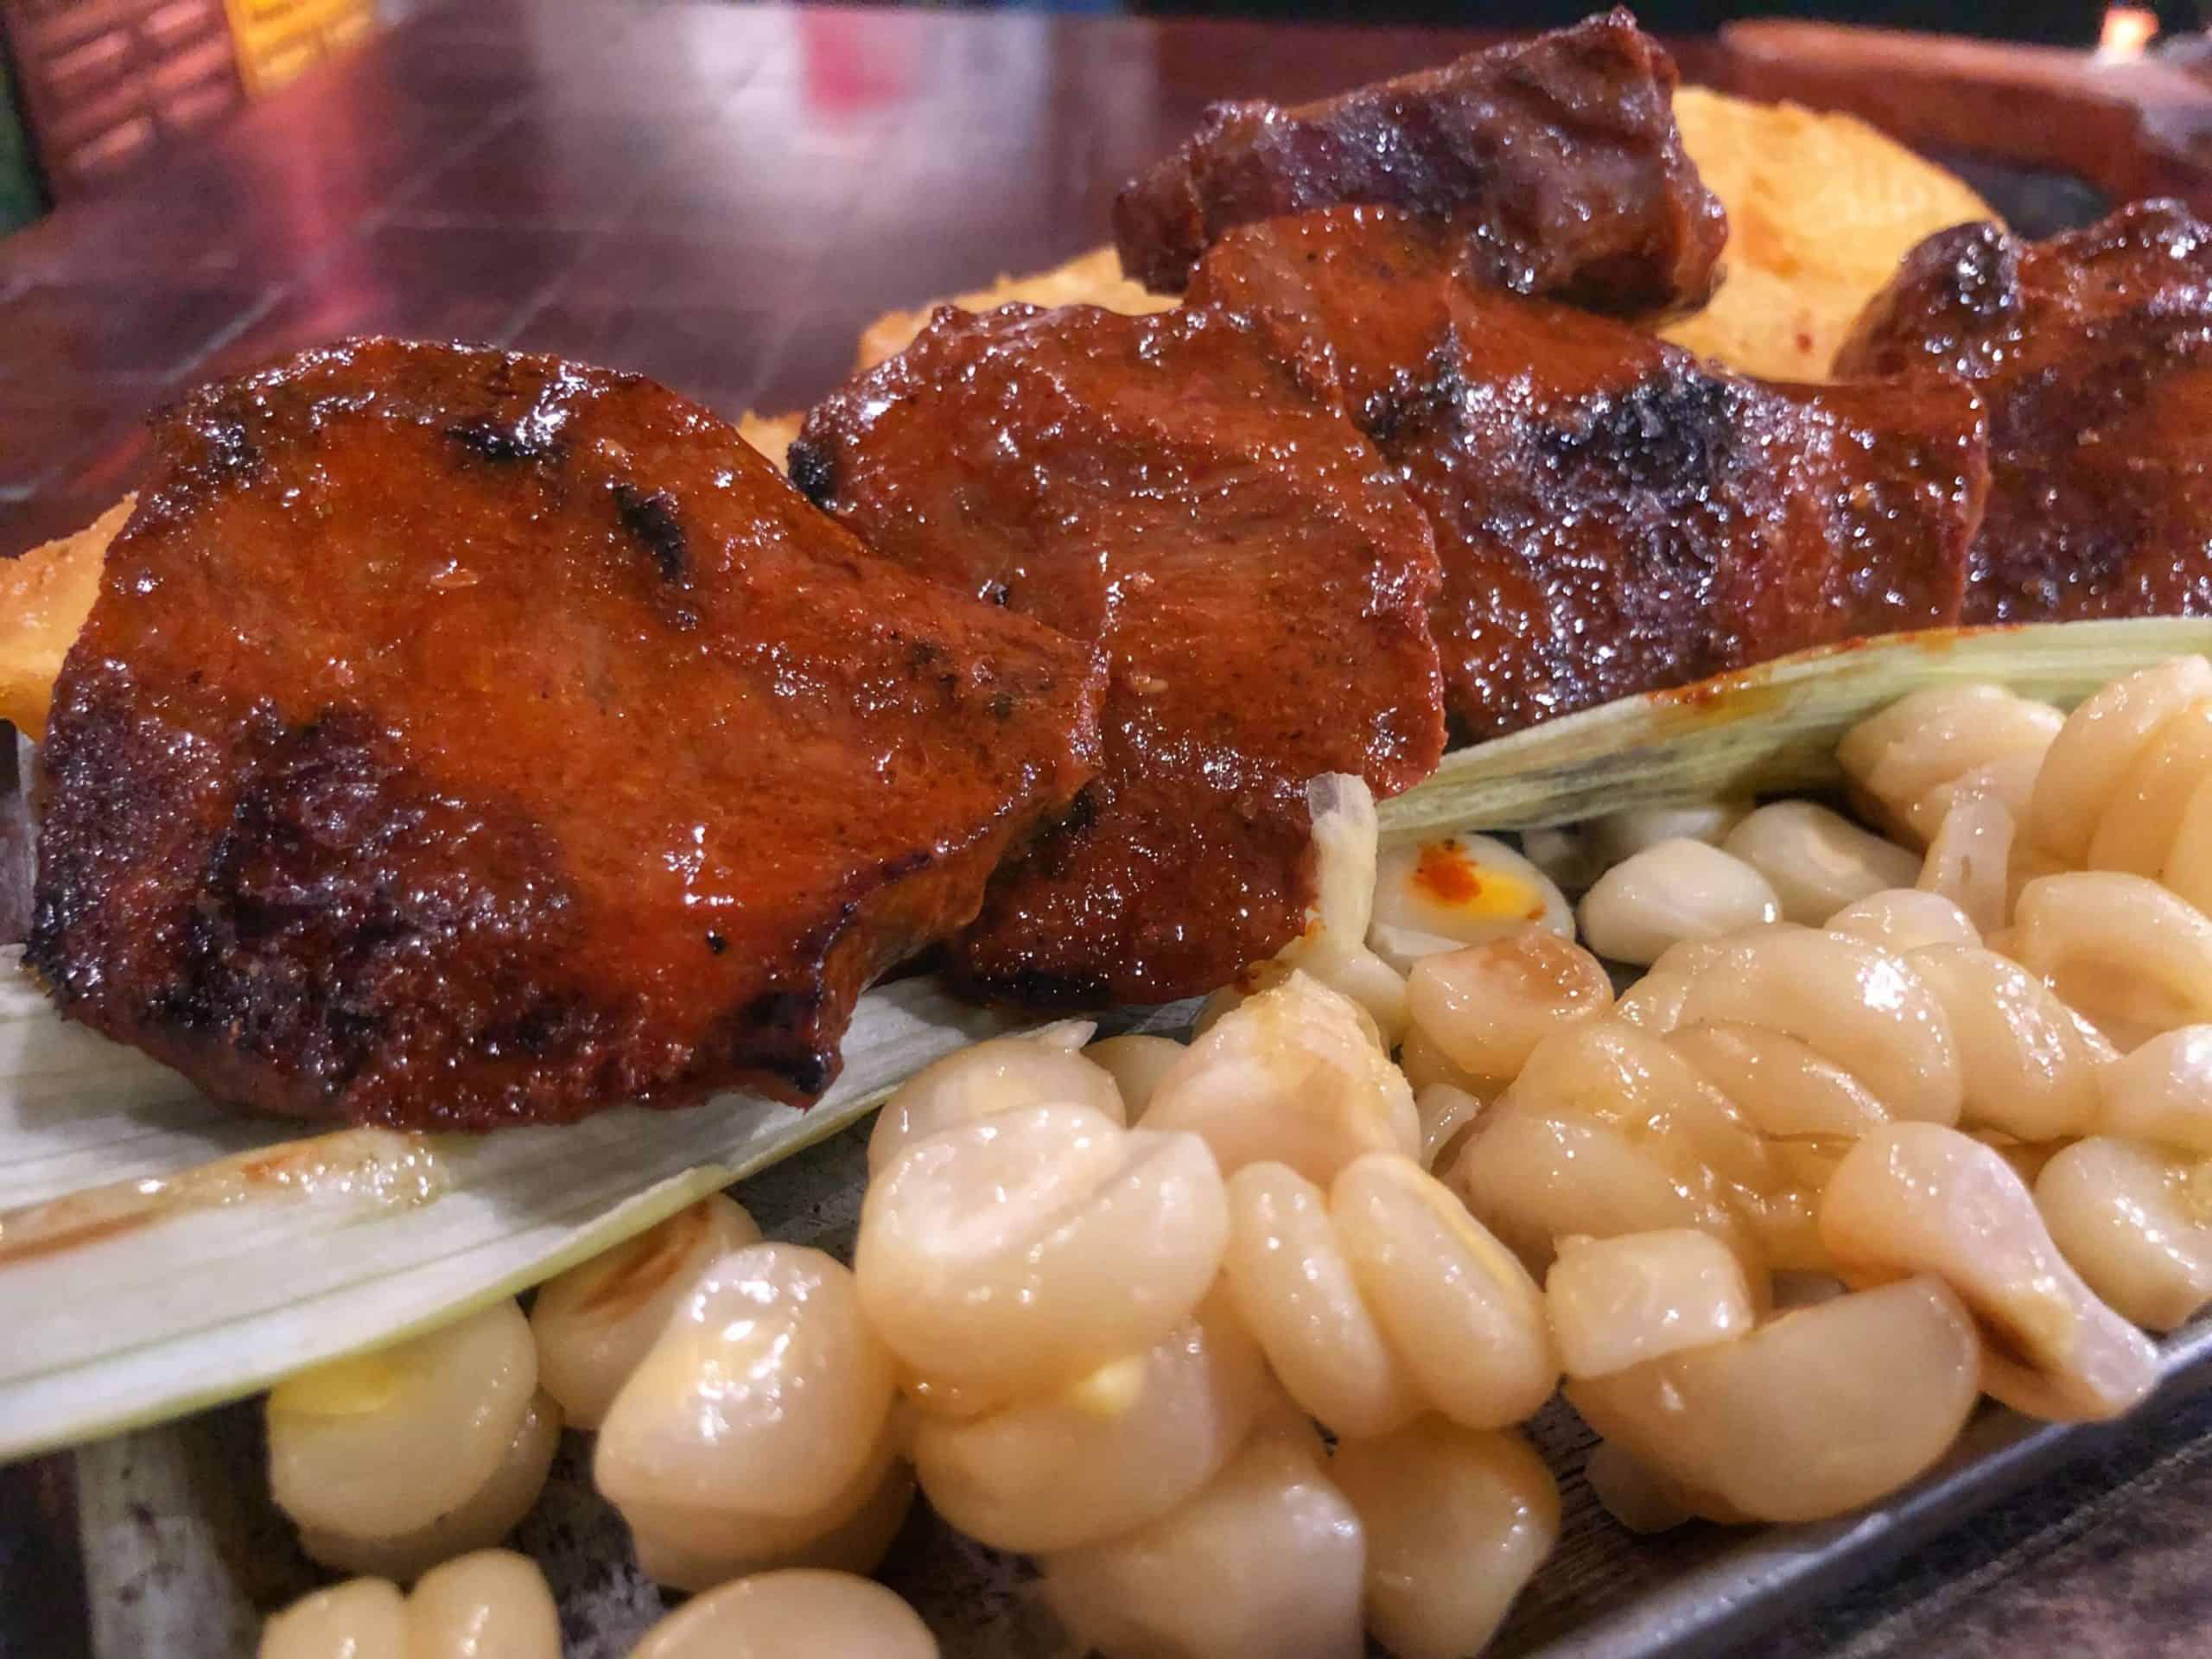 anticuchos corazon peruvian cuisine peruvian dish peruvian food